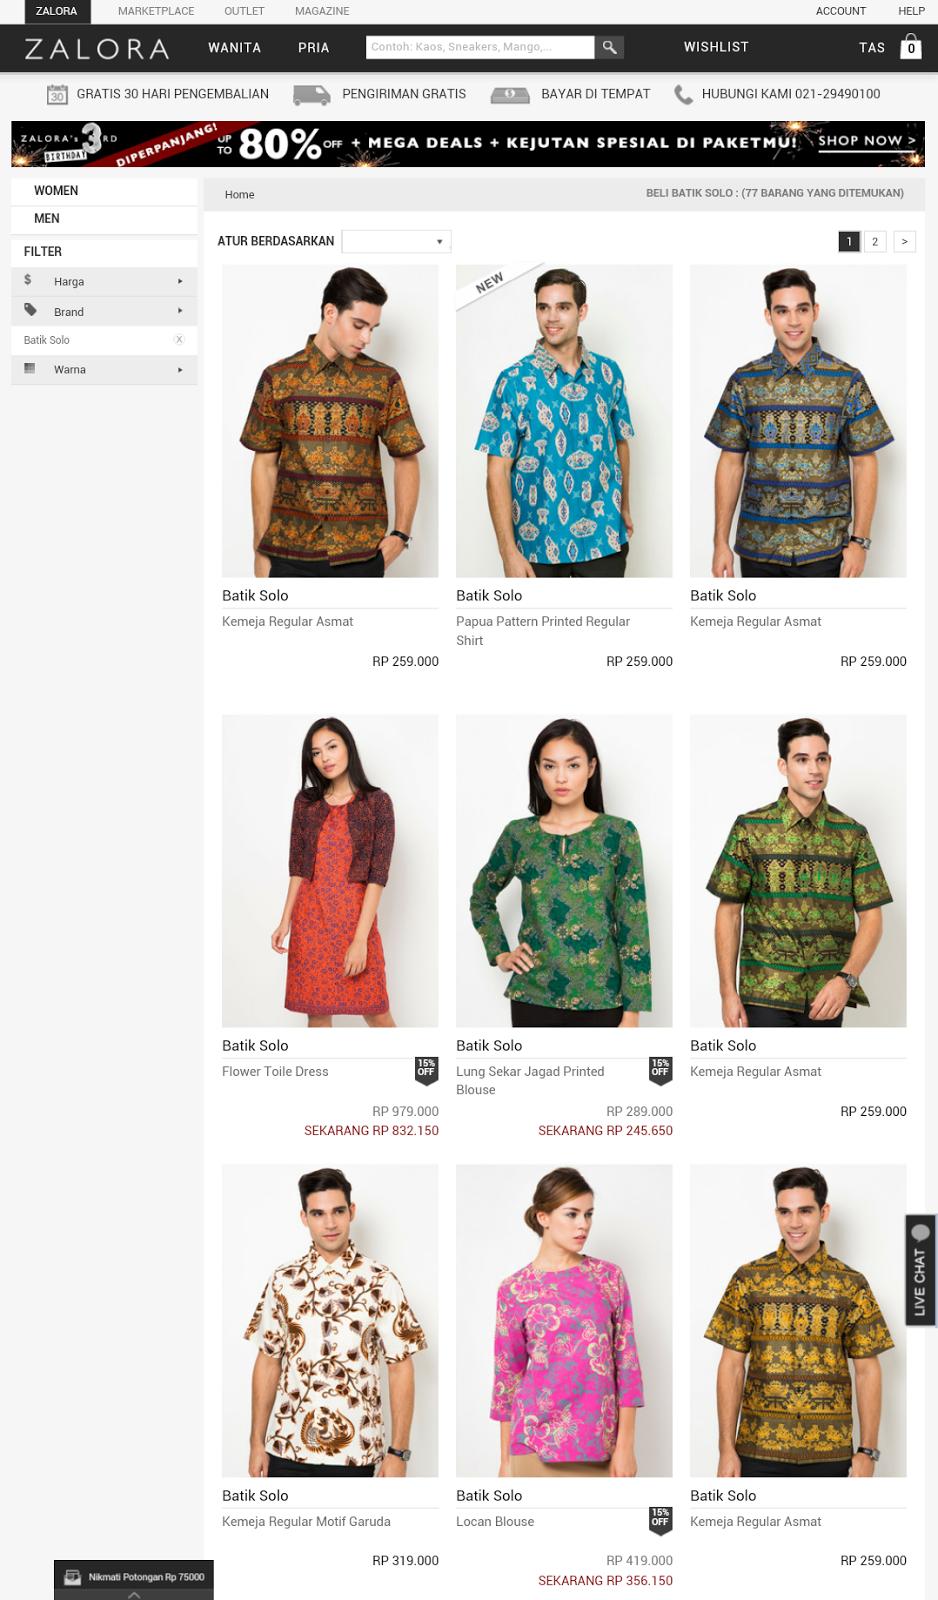 batik-solo-dari-zalora-indonesia